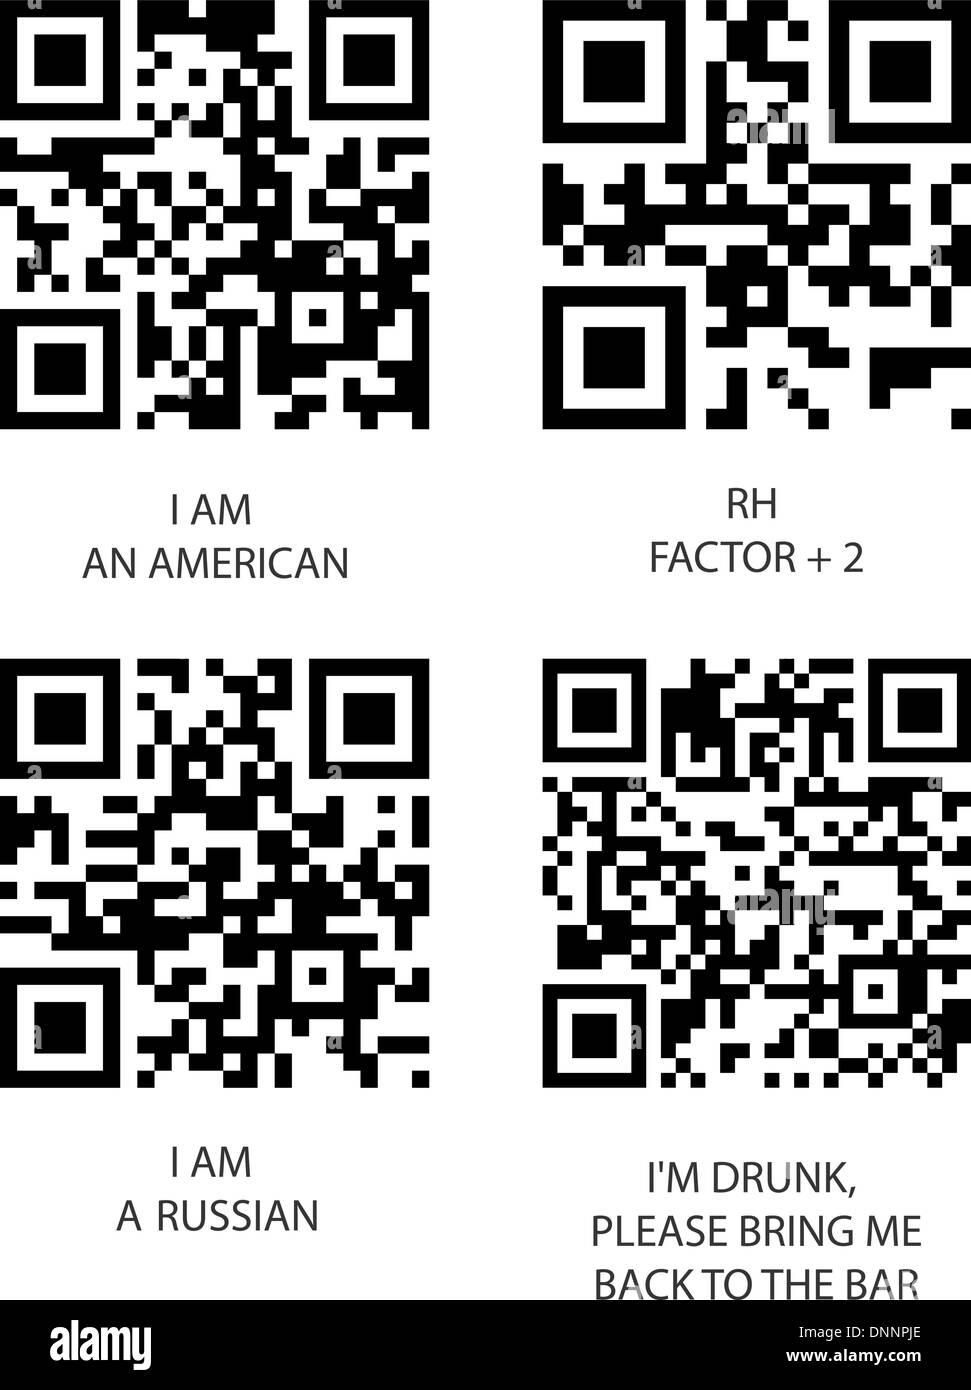 Código QR y bbm. Conjunto de vectores sobre fondo blanco. Imagen De Stock